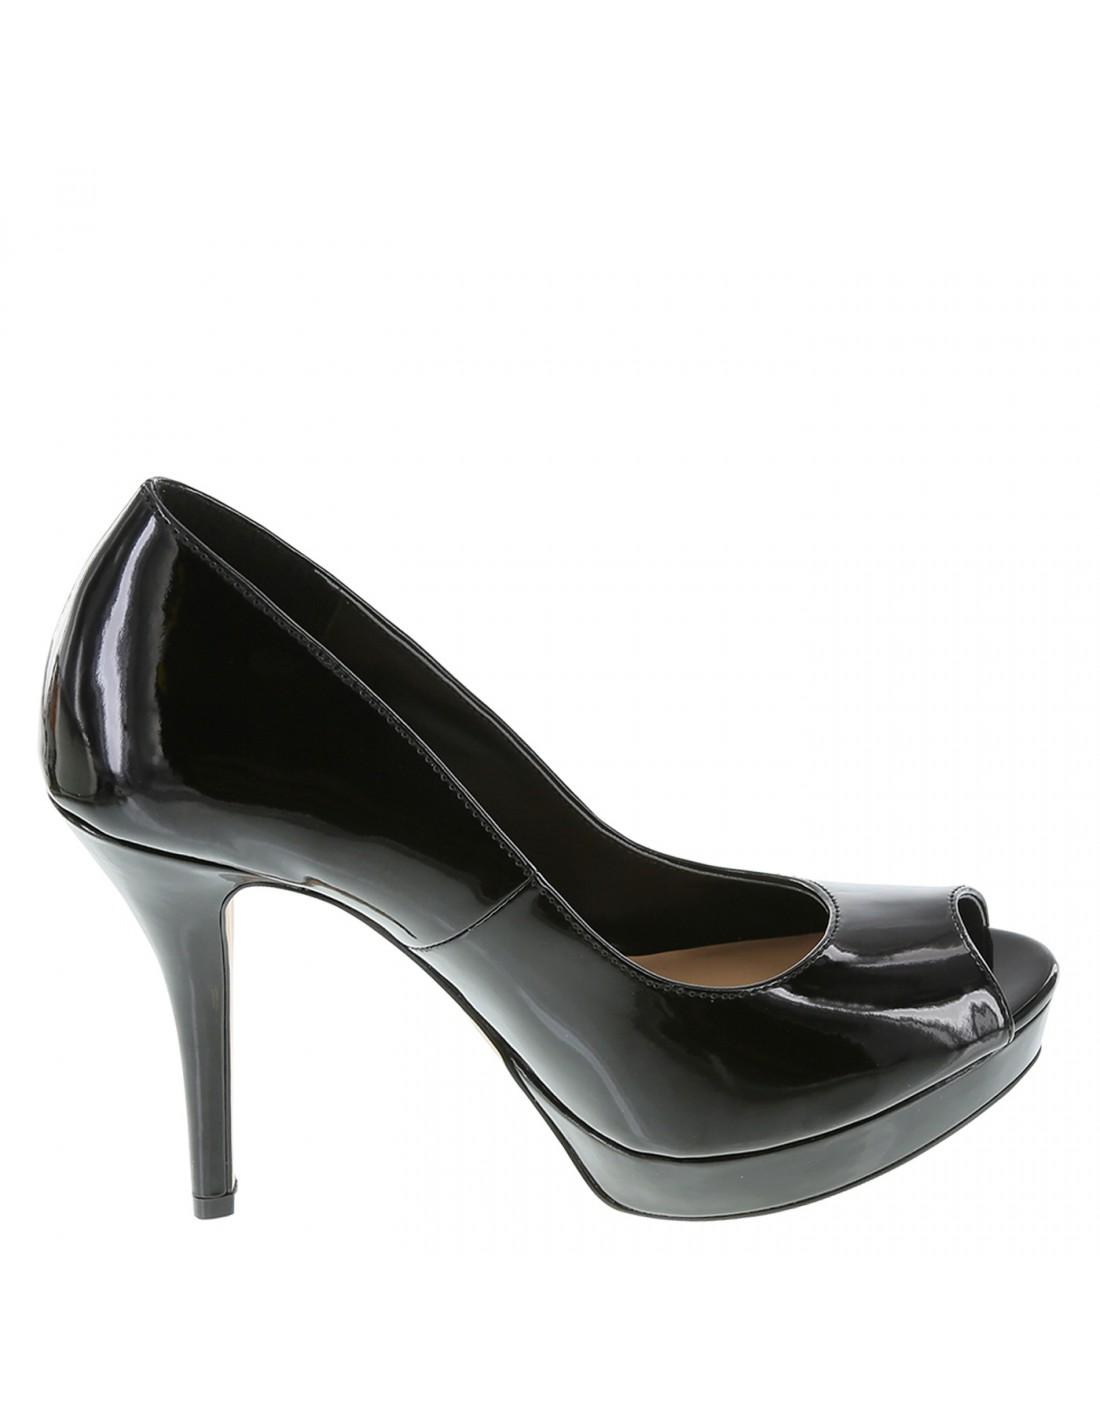 565a58e4230 Zapatos Sofía Vergara Peep Toe Plataforma - Negro. ¡En oferta!